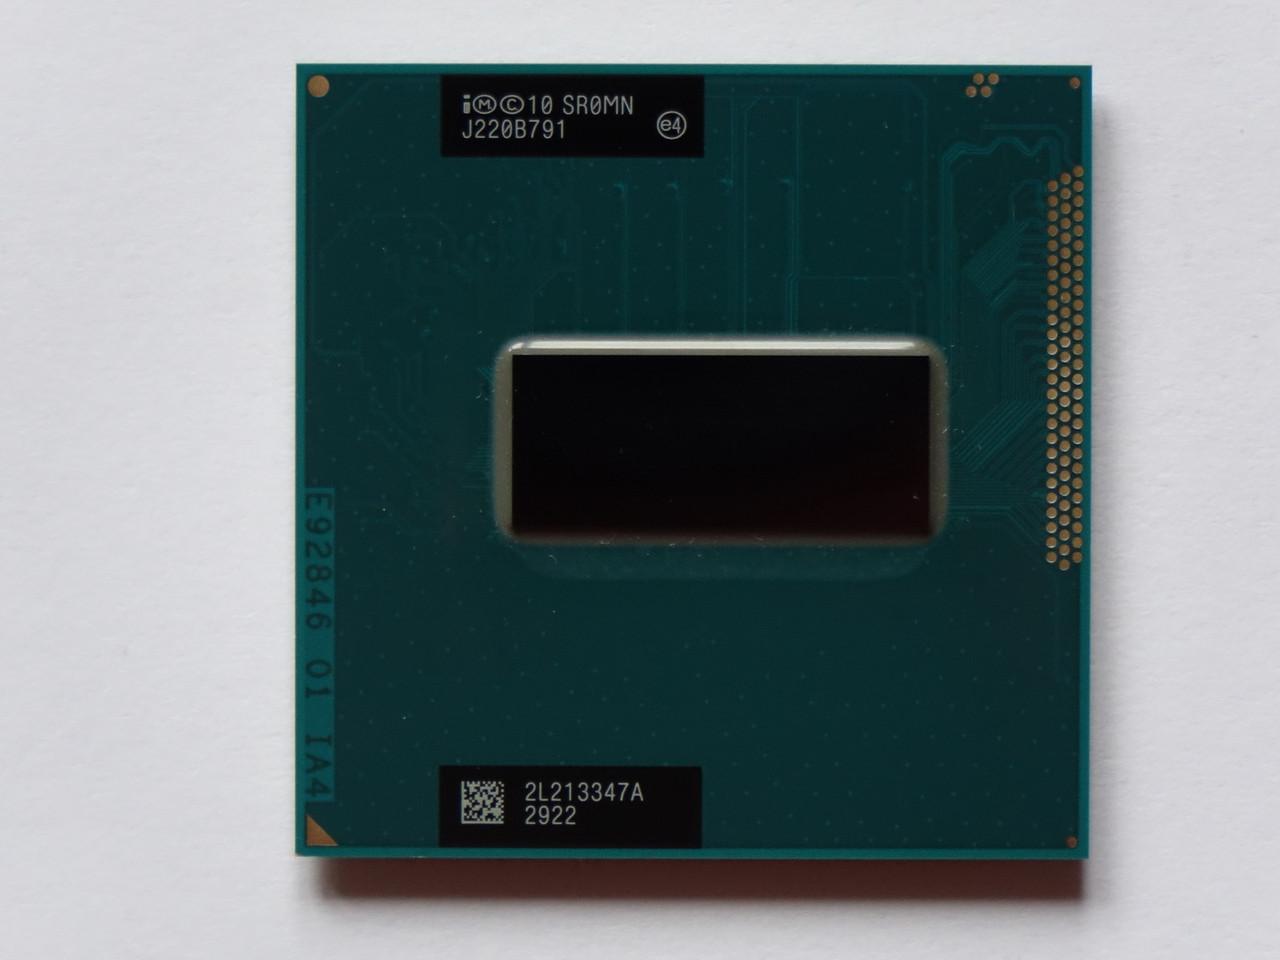 Процессор Intel Core i7-3610QM (SR0MN) 2.3-3.3GHz, 6Mb, 45W, Socket G2, 4 Ядра/8потоков + Intel HD 4000, БУ